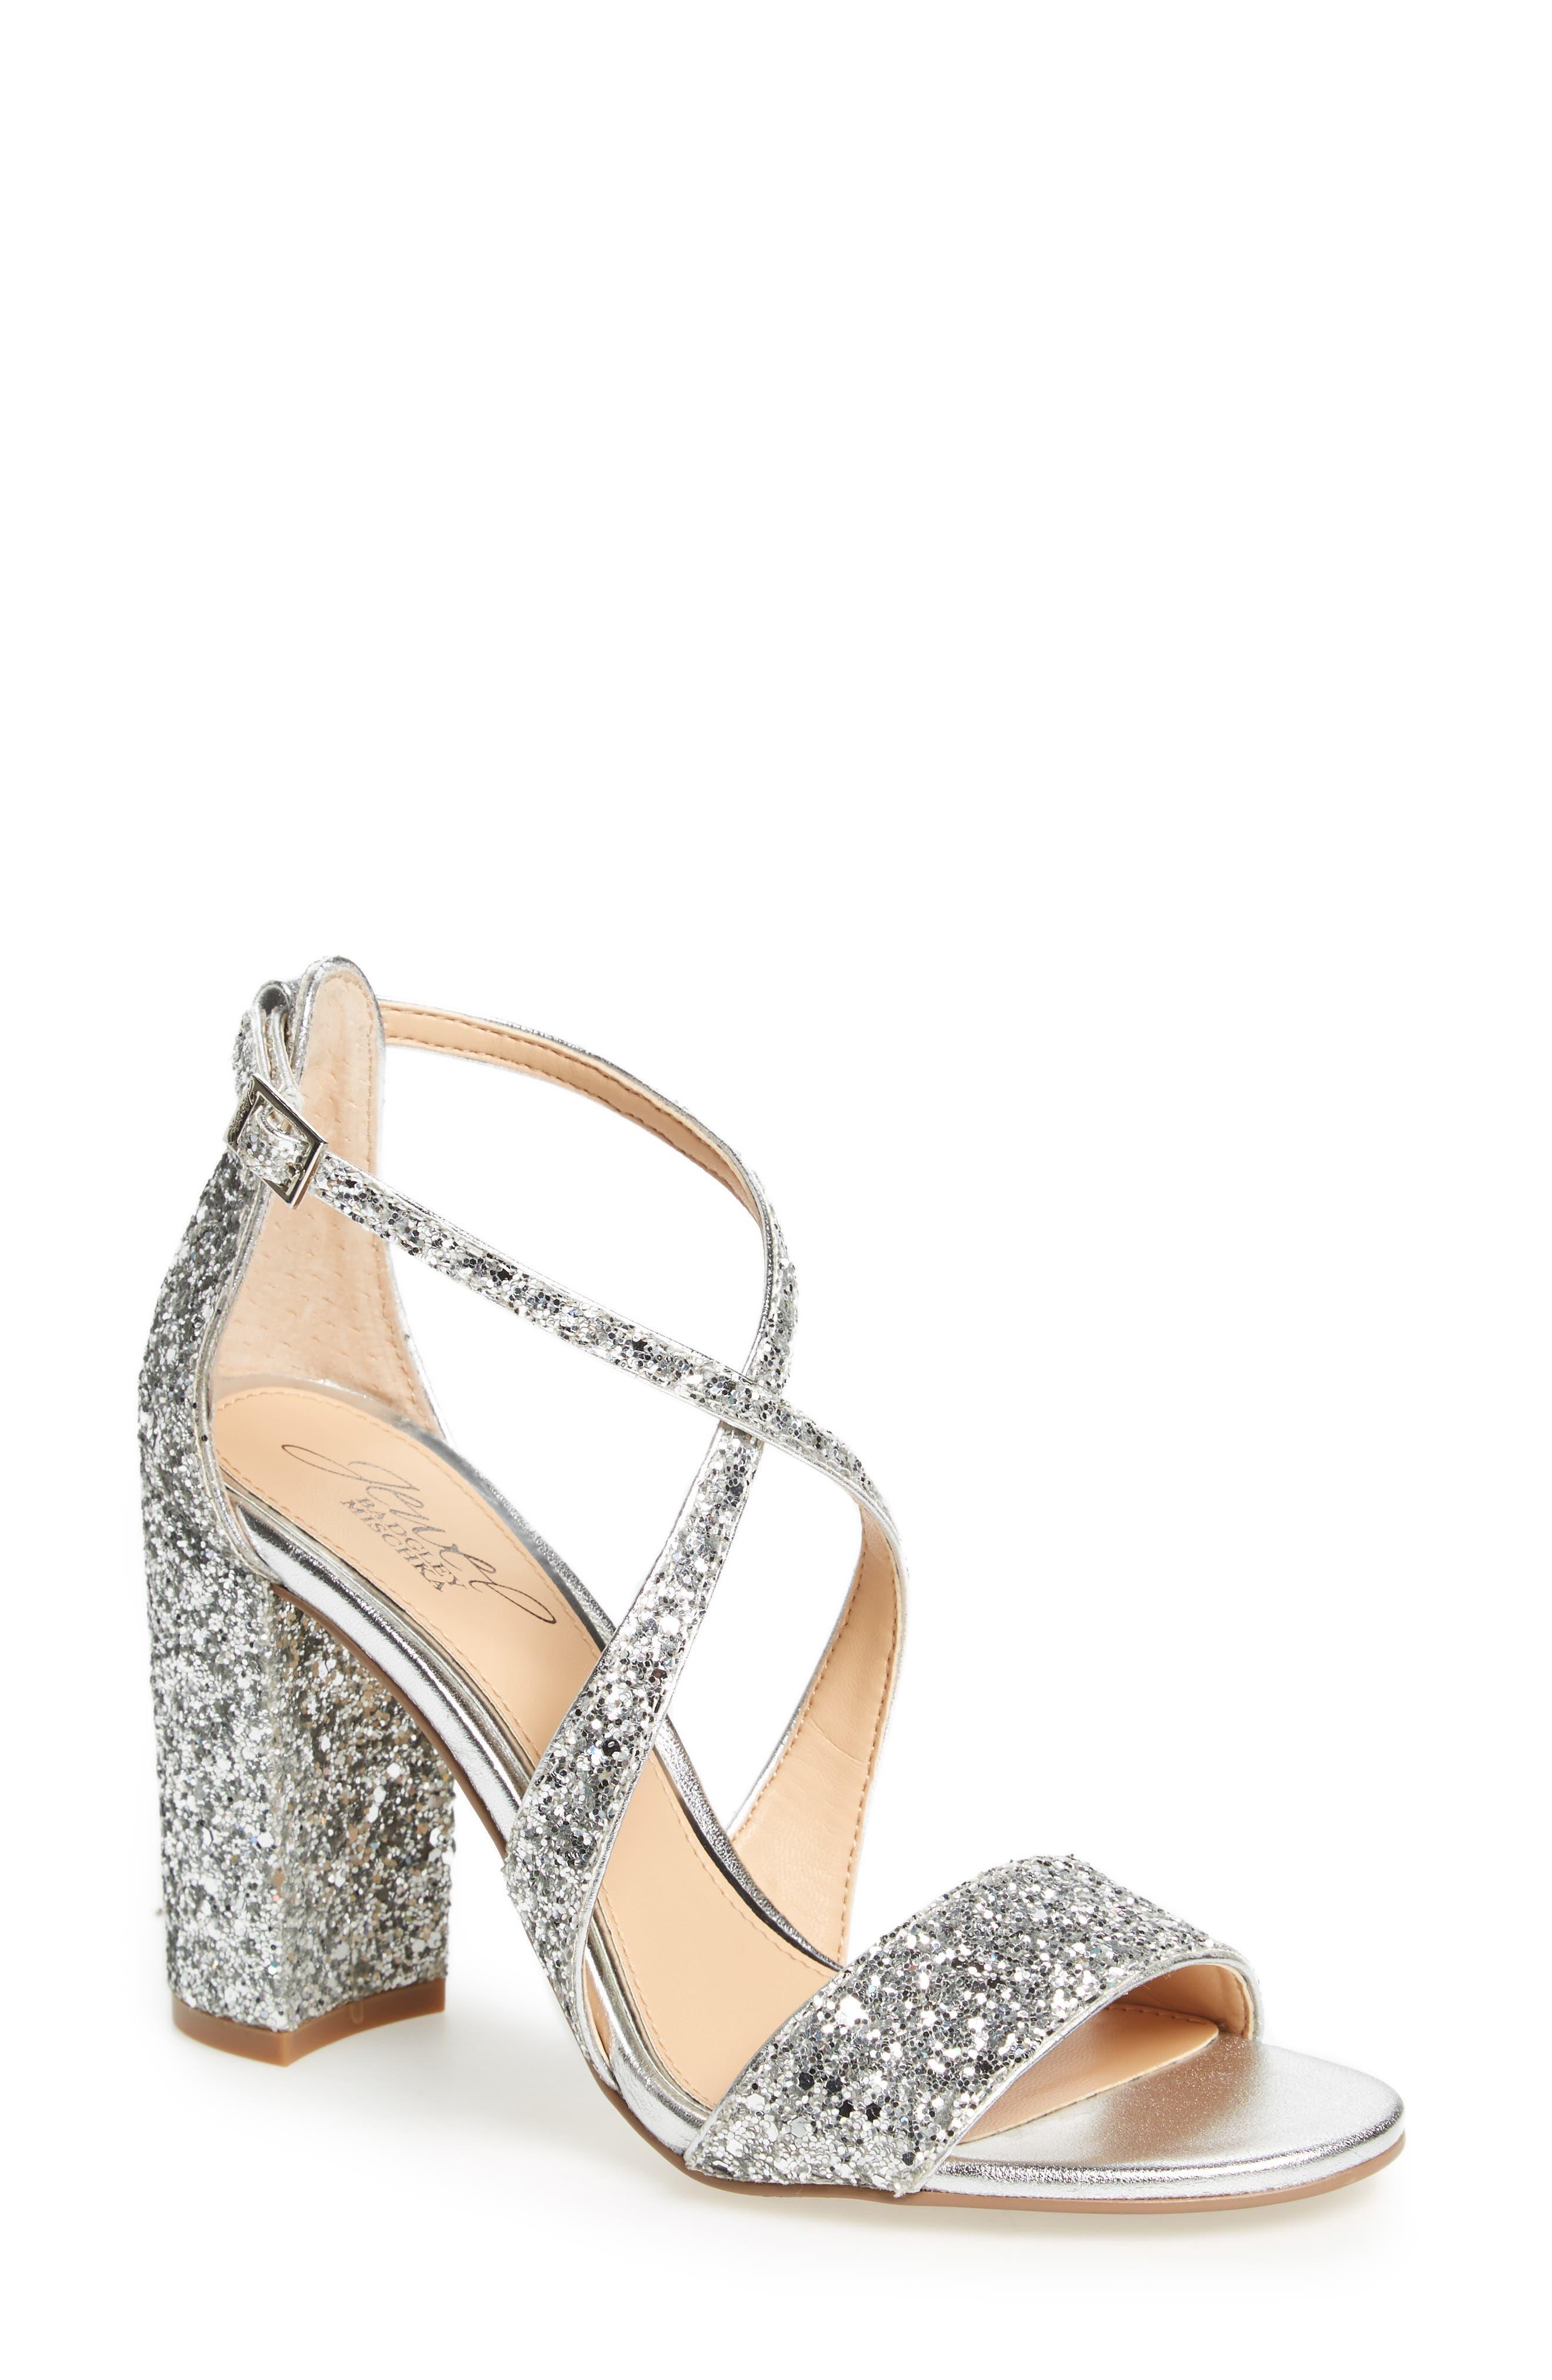 Alternate Image 1 Selected - Jewel Badgley Mischka Cook Block Heel Glitter Sandal (Women)